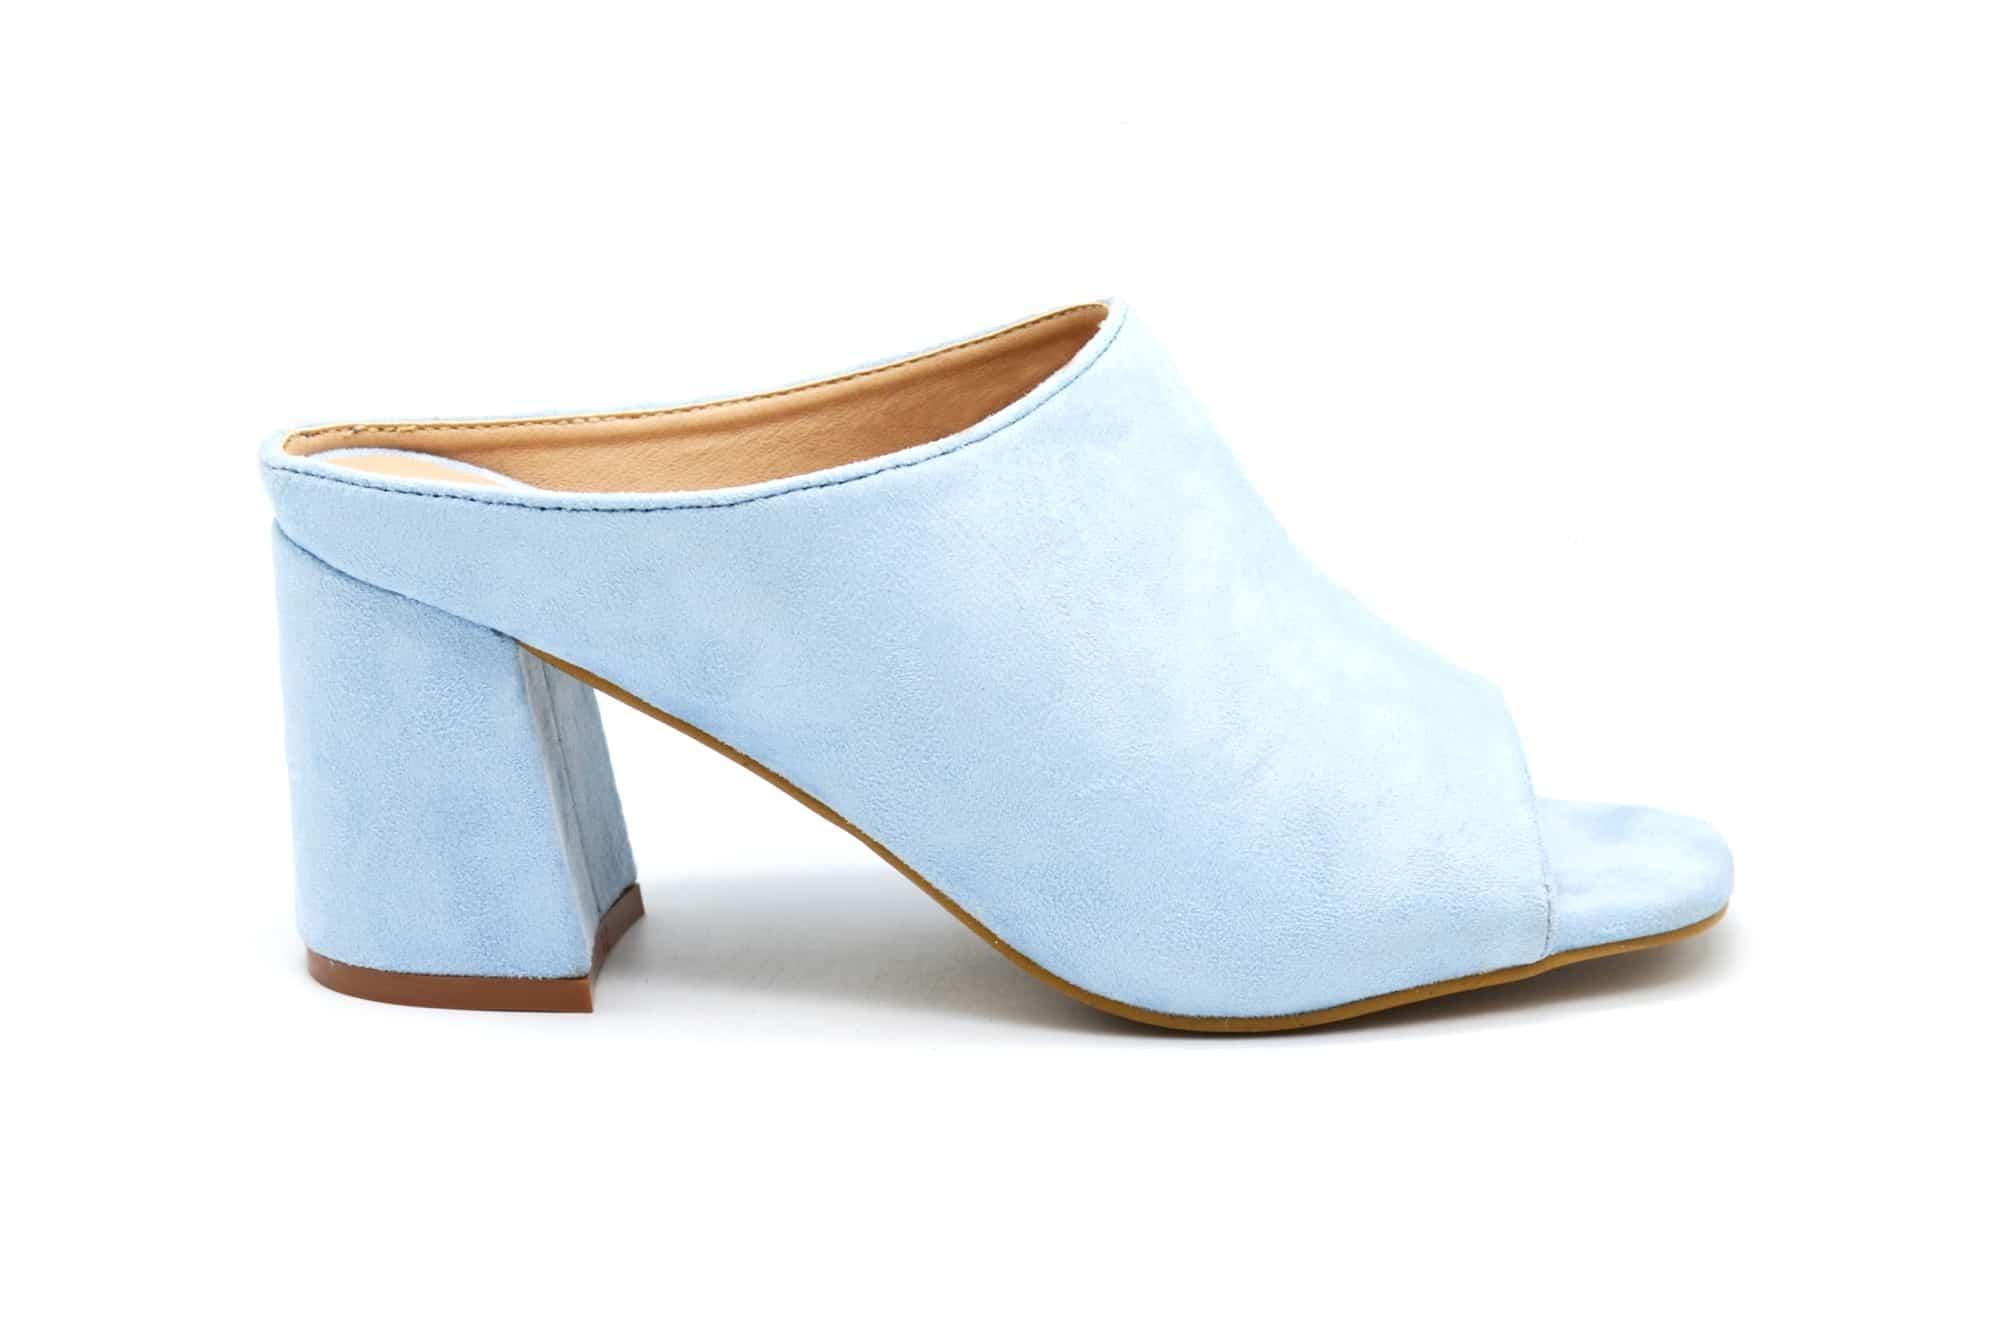 Daim Carré Talon Effet Pastel Chaussures Sht38mules Avec Bleu Tdhcsqr À zMSUqVp